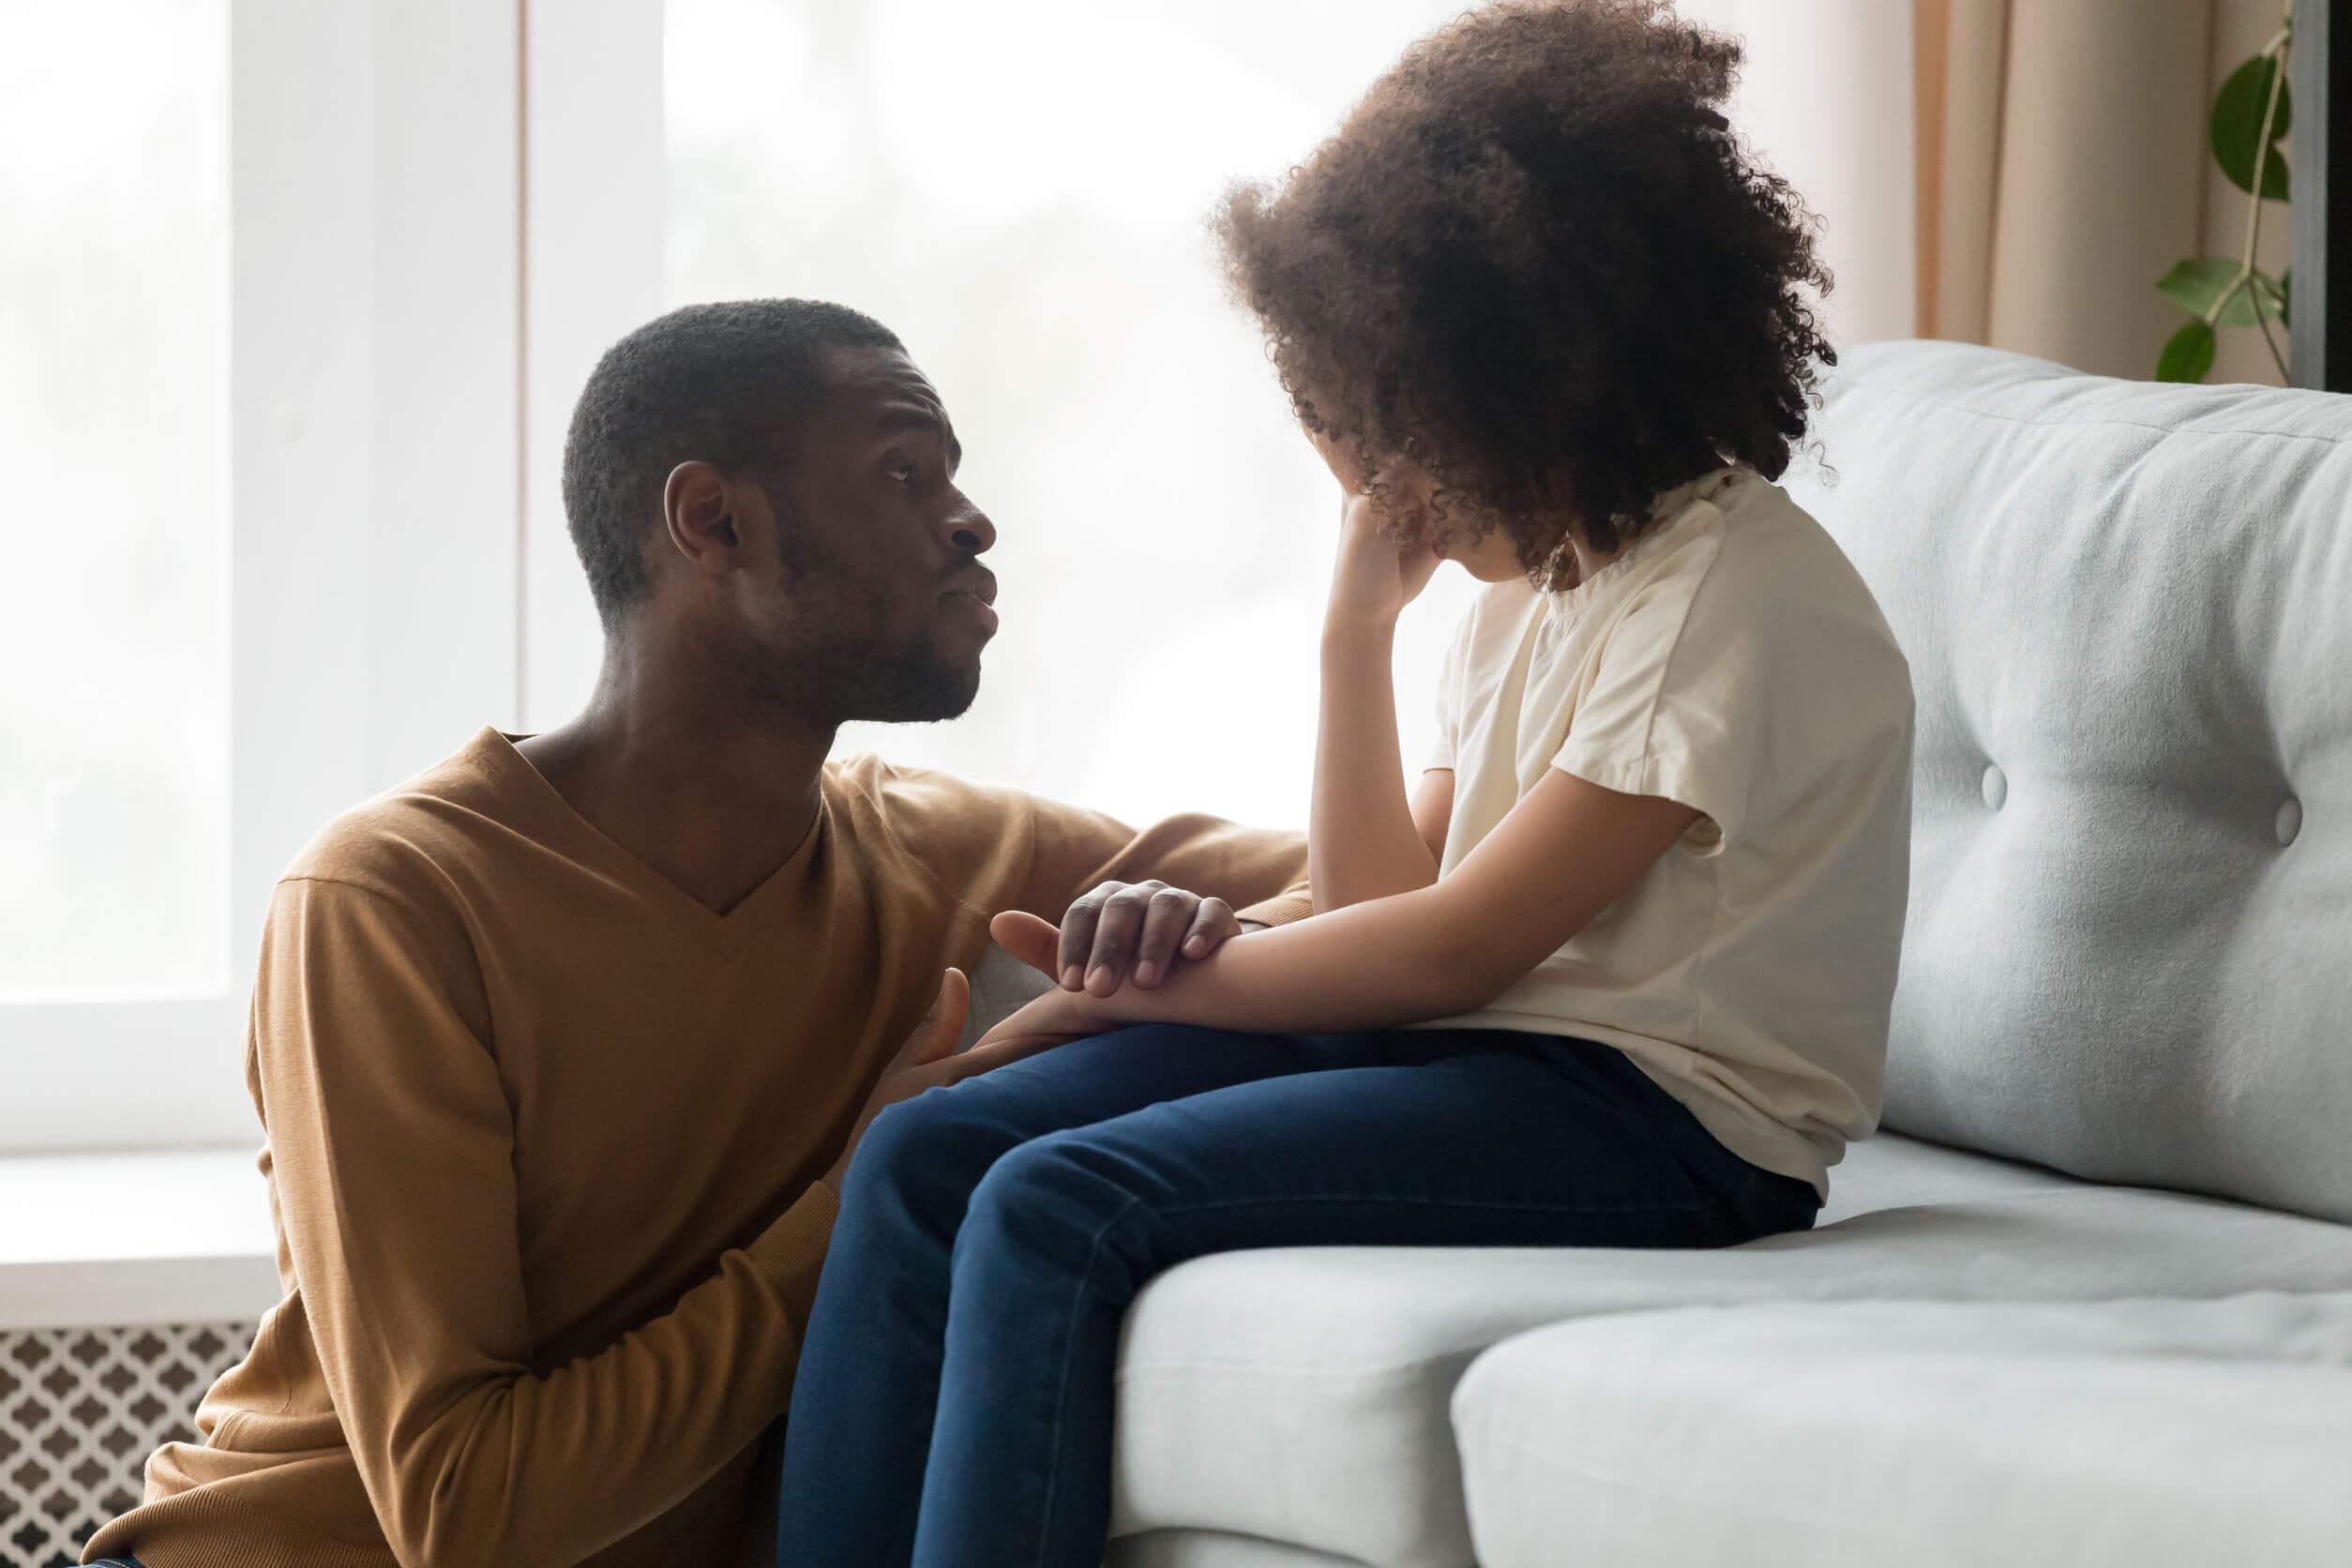 La severidad de algunas conductas pueden ser corregidas de forma amorosa.